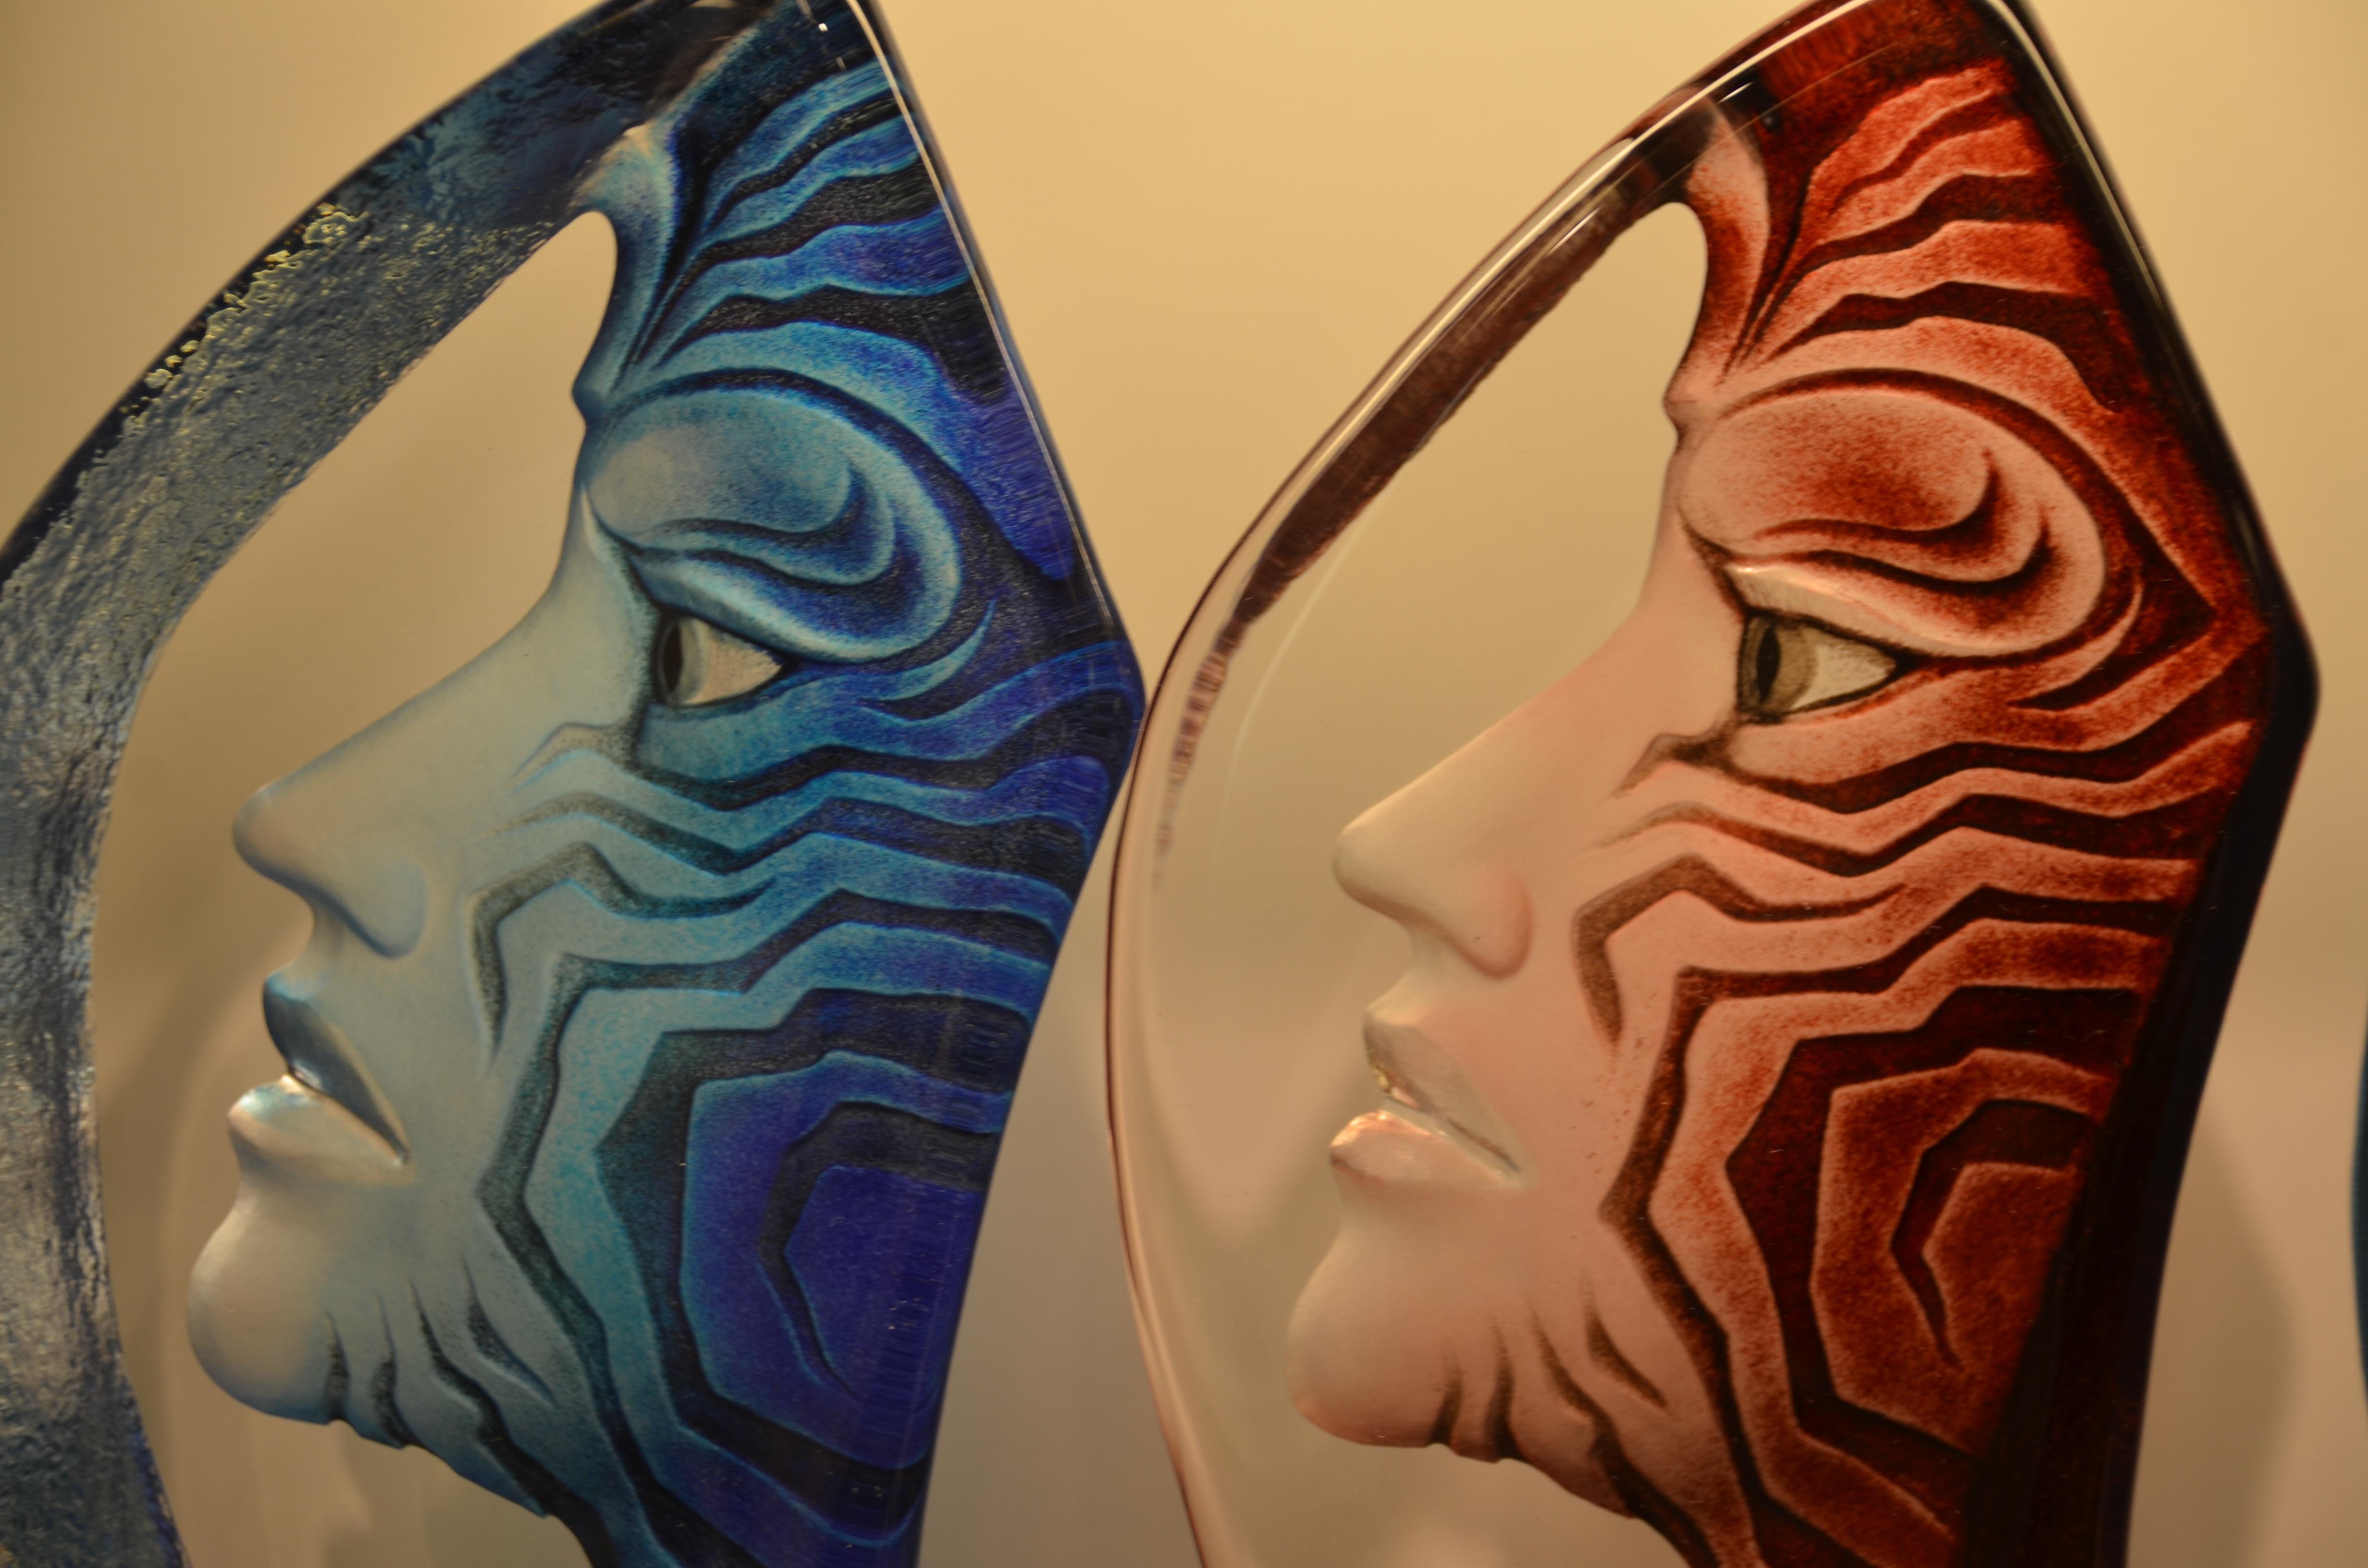 Fotoğraf Soyut Bardak Profil Renk Kol Boyama Insan Vücudu